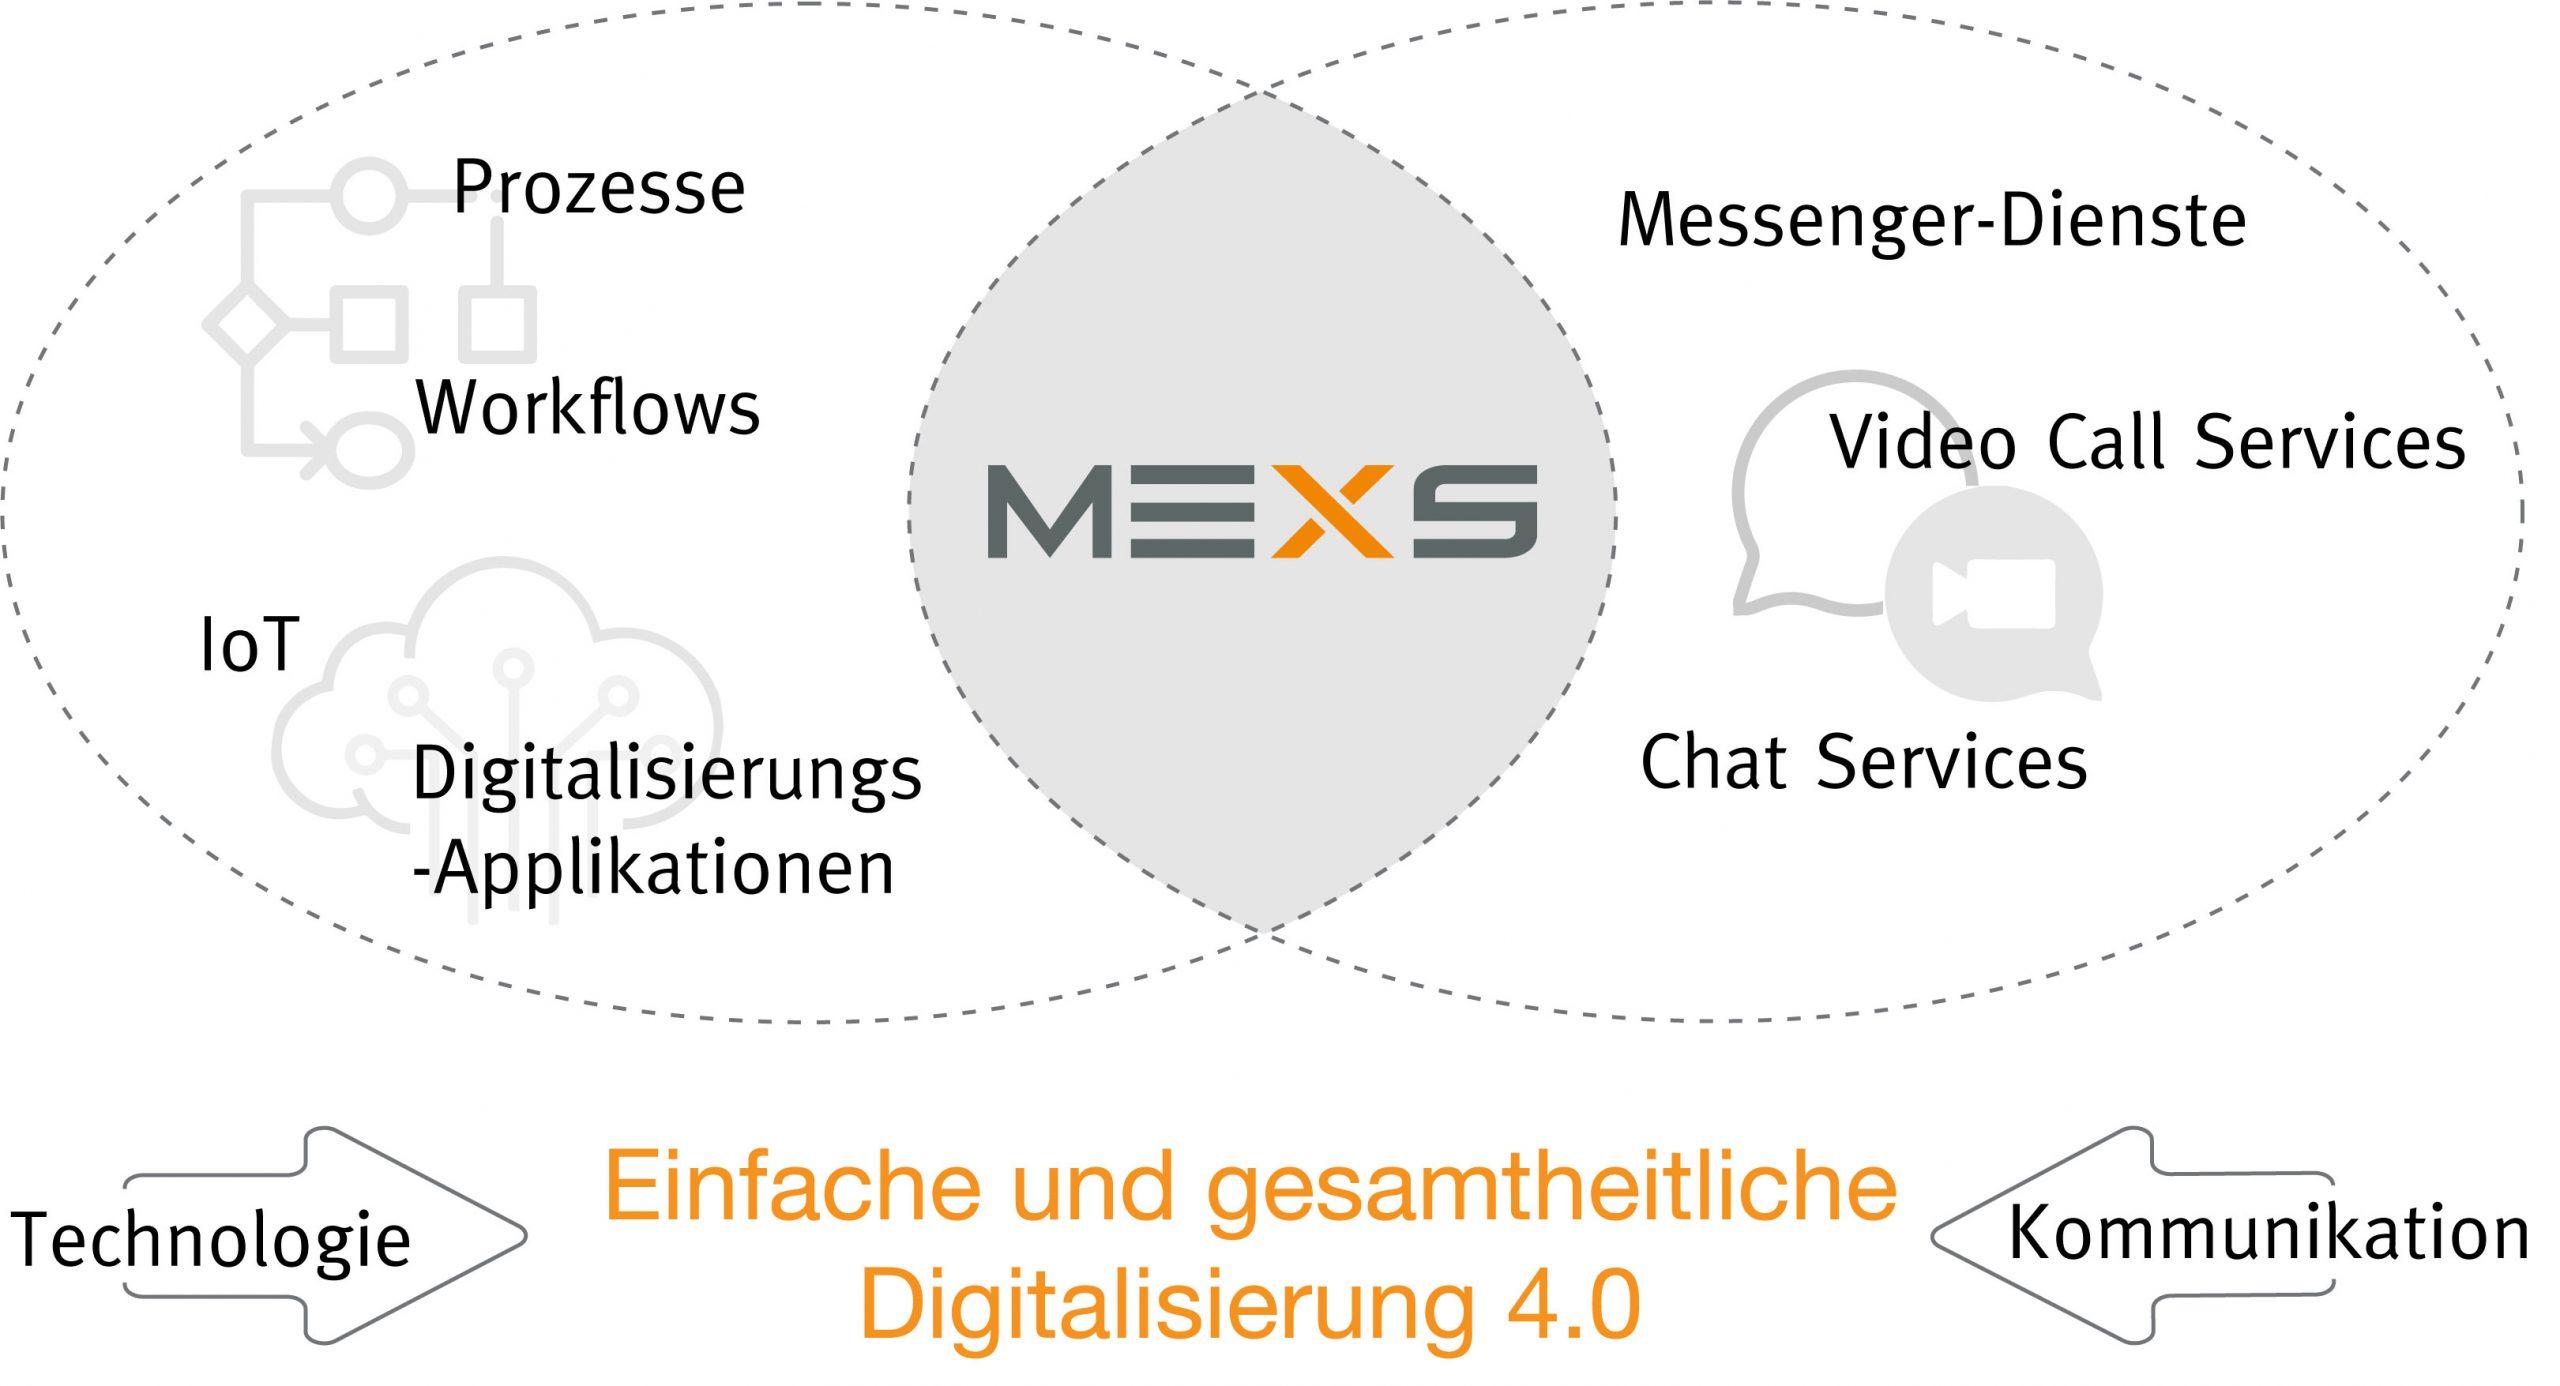 Mexs kombiniert digitale Prozesse mit einem sicheren Business Messenger für Unternehmen